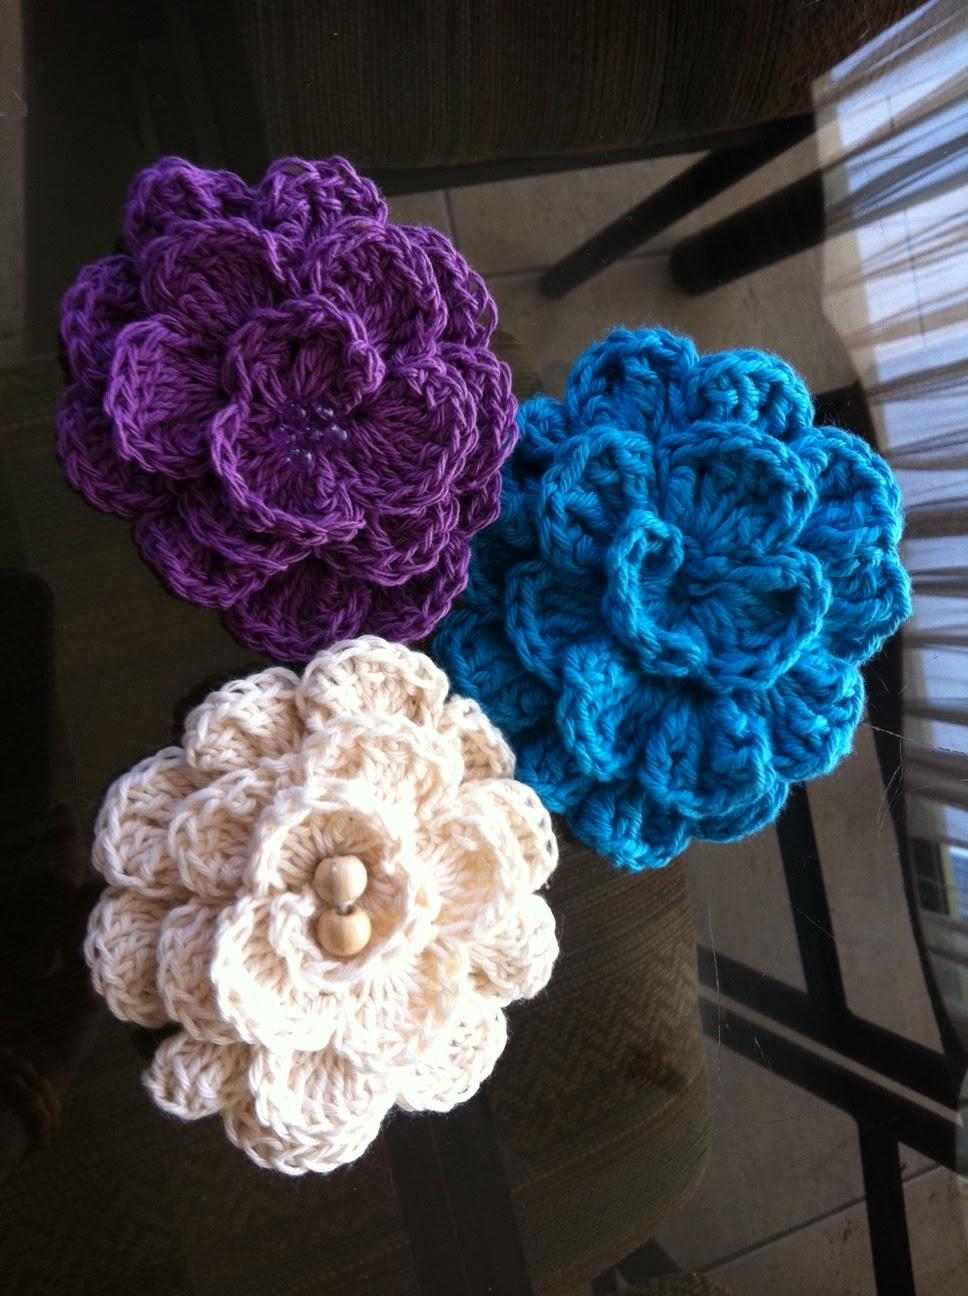 Fotos De Flores Para El Pelo - 20 accesorios para adornar tu pelo Galería de fotos